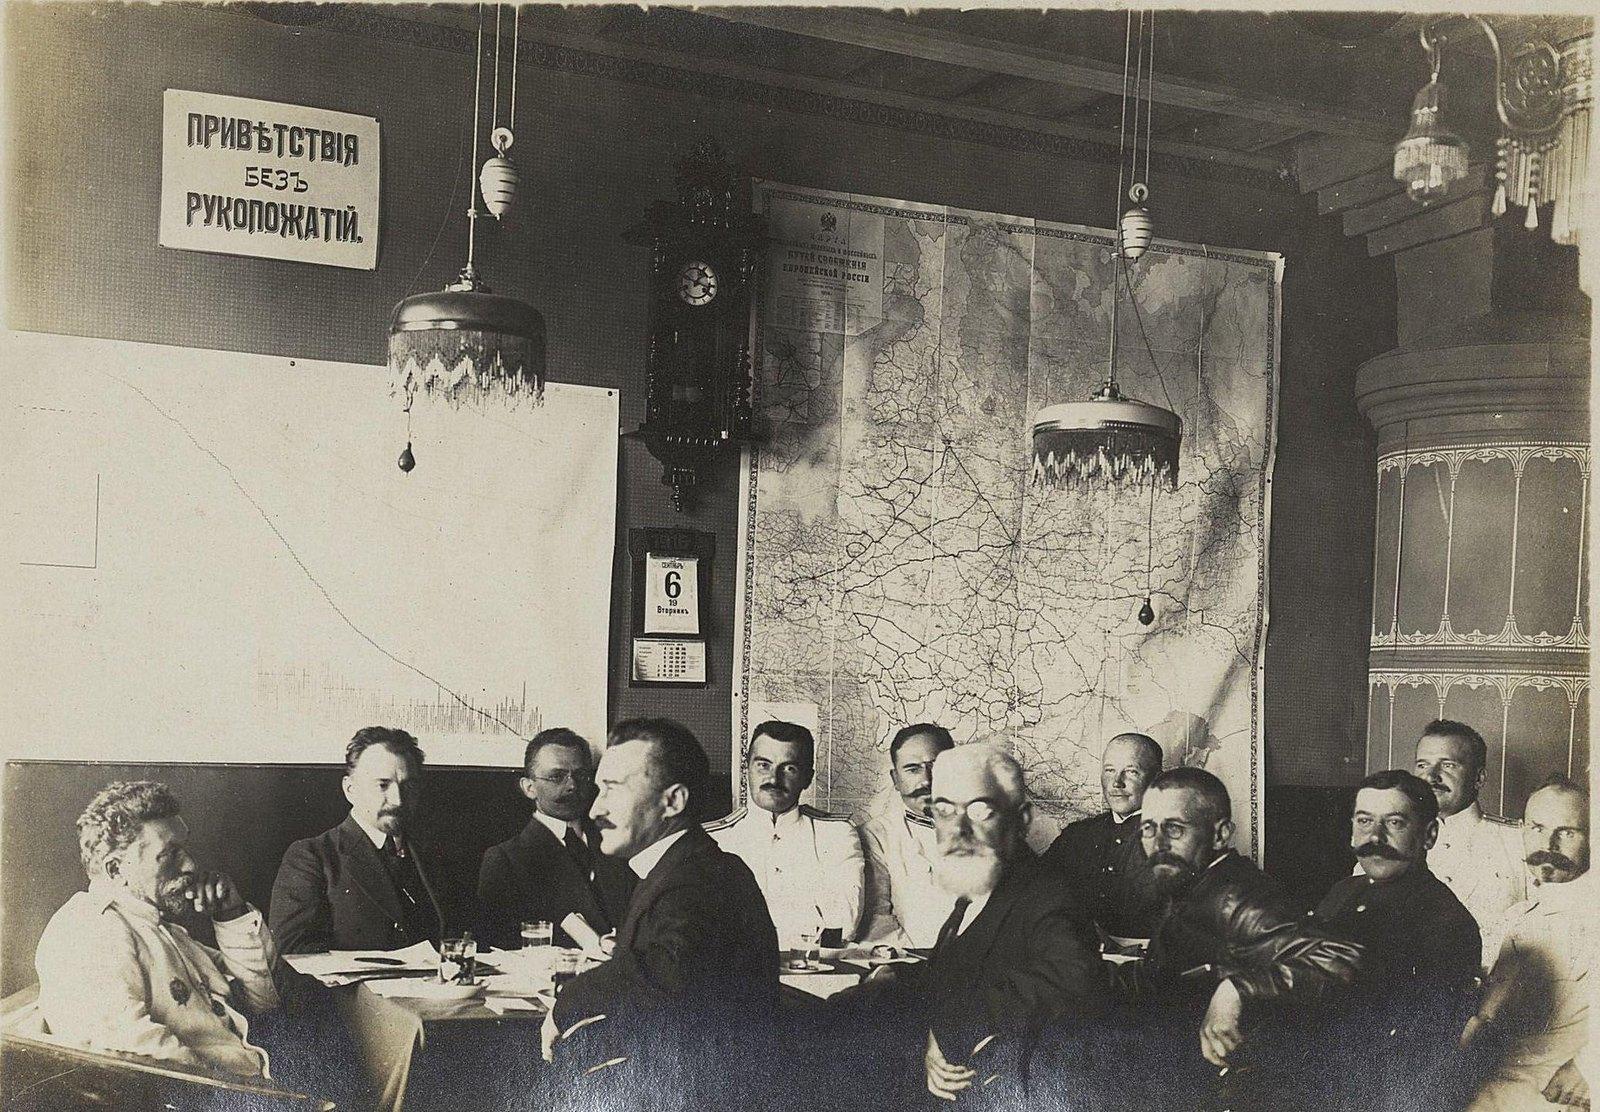 18. Заседание начальников отделов и частей в кабинете управляющего Владивостокскими временными мастерскими. 1916